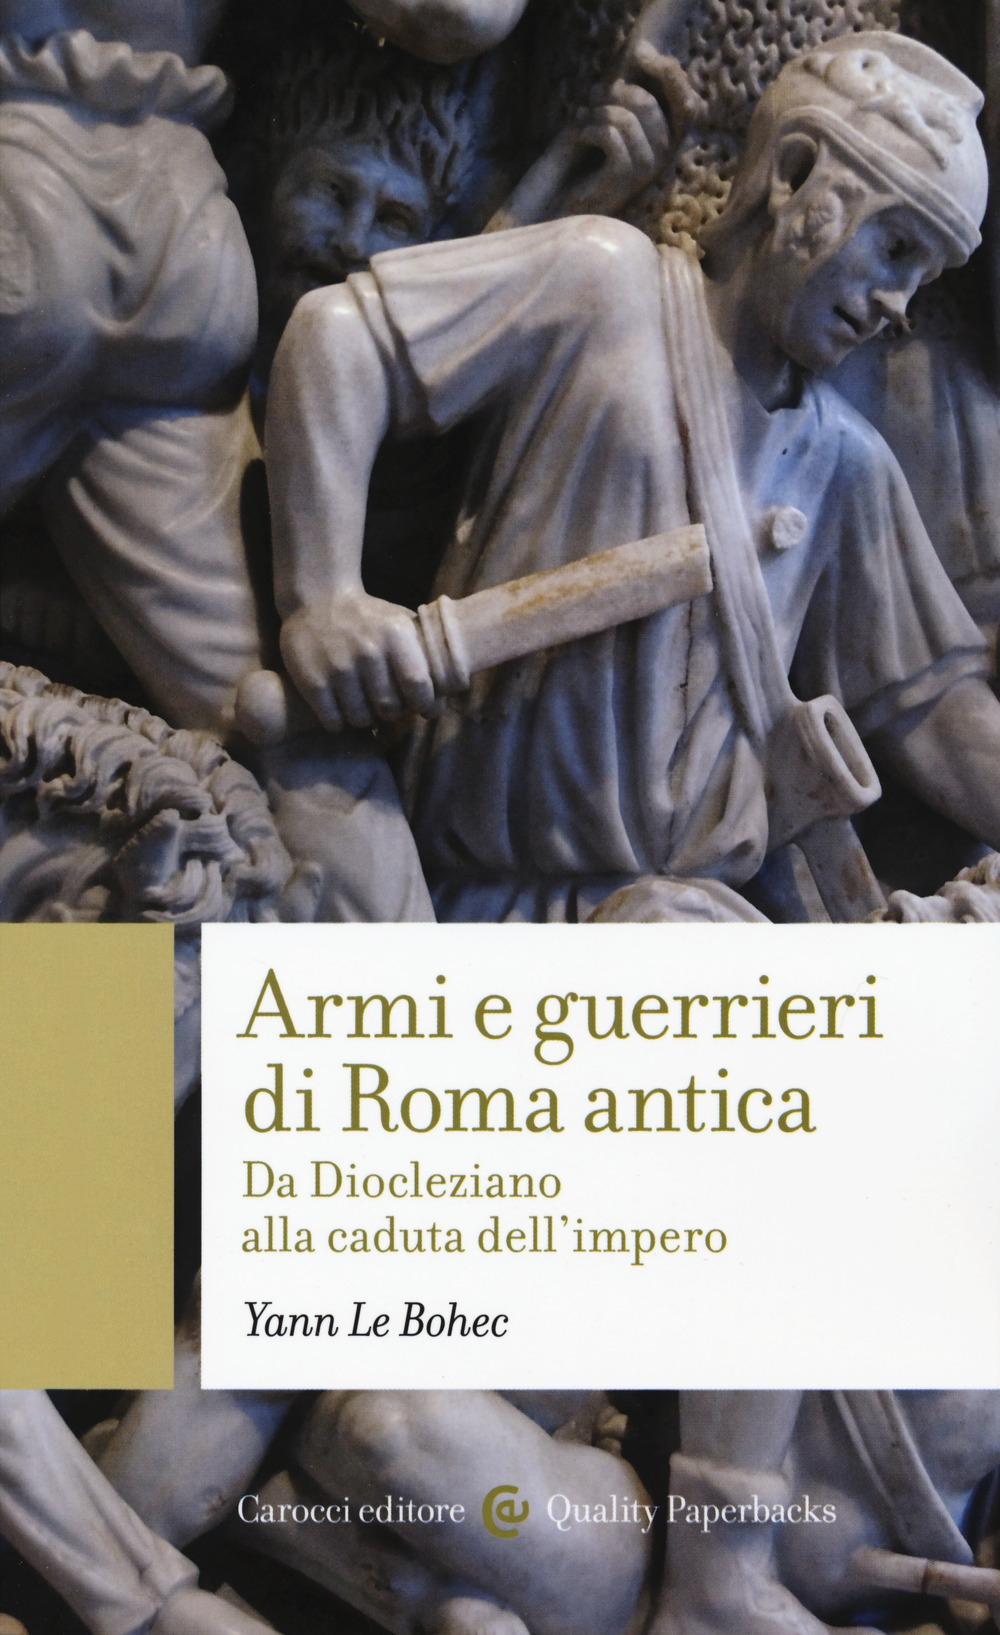 Armi e guerrieri di Roma antica. Da Diocleziano alla caduta dell'impero